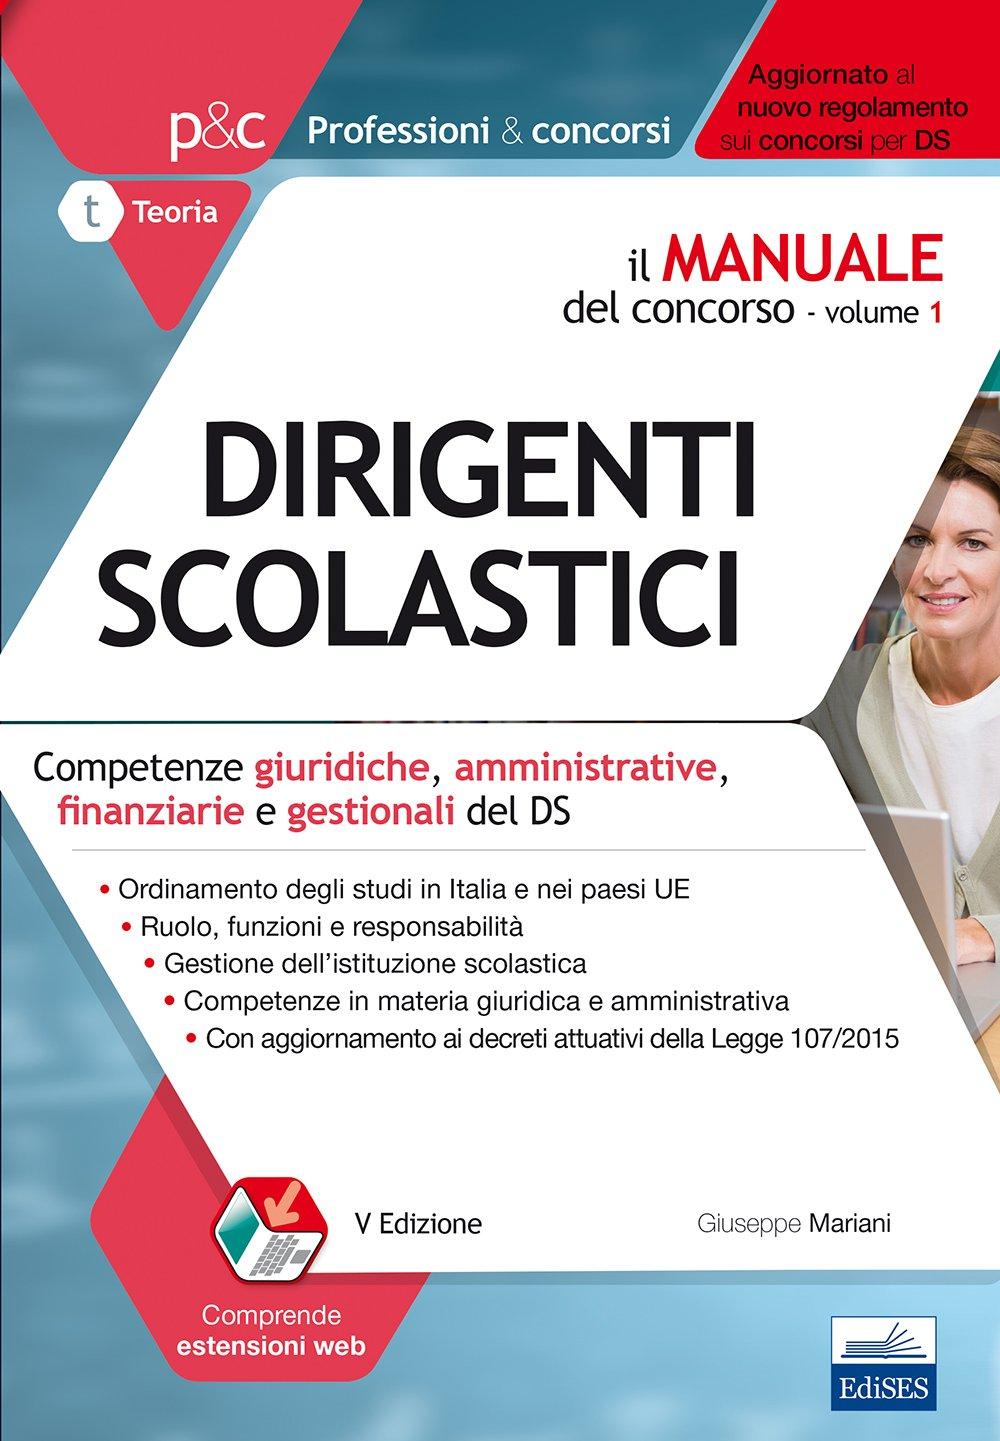 Il manuale del concorso - Vol. 1 - Dirigenti scolastici (Volume 1) (Italian Edition) pdf epub